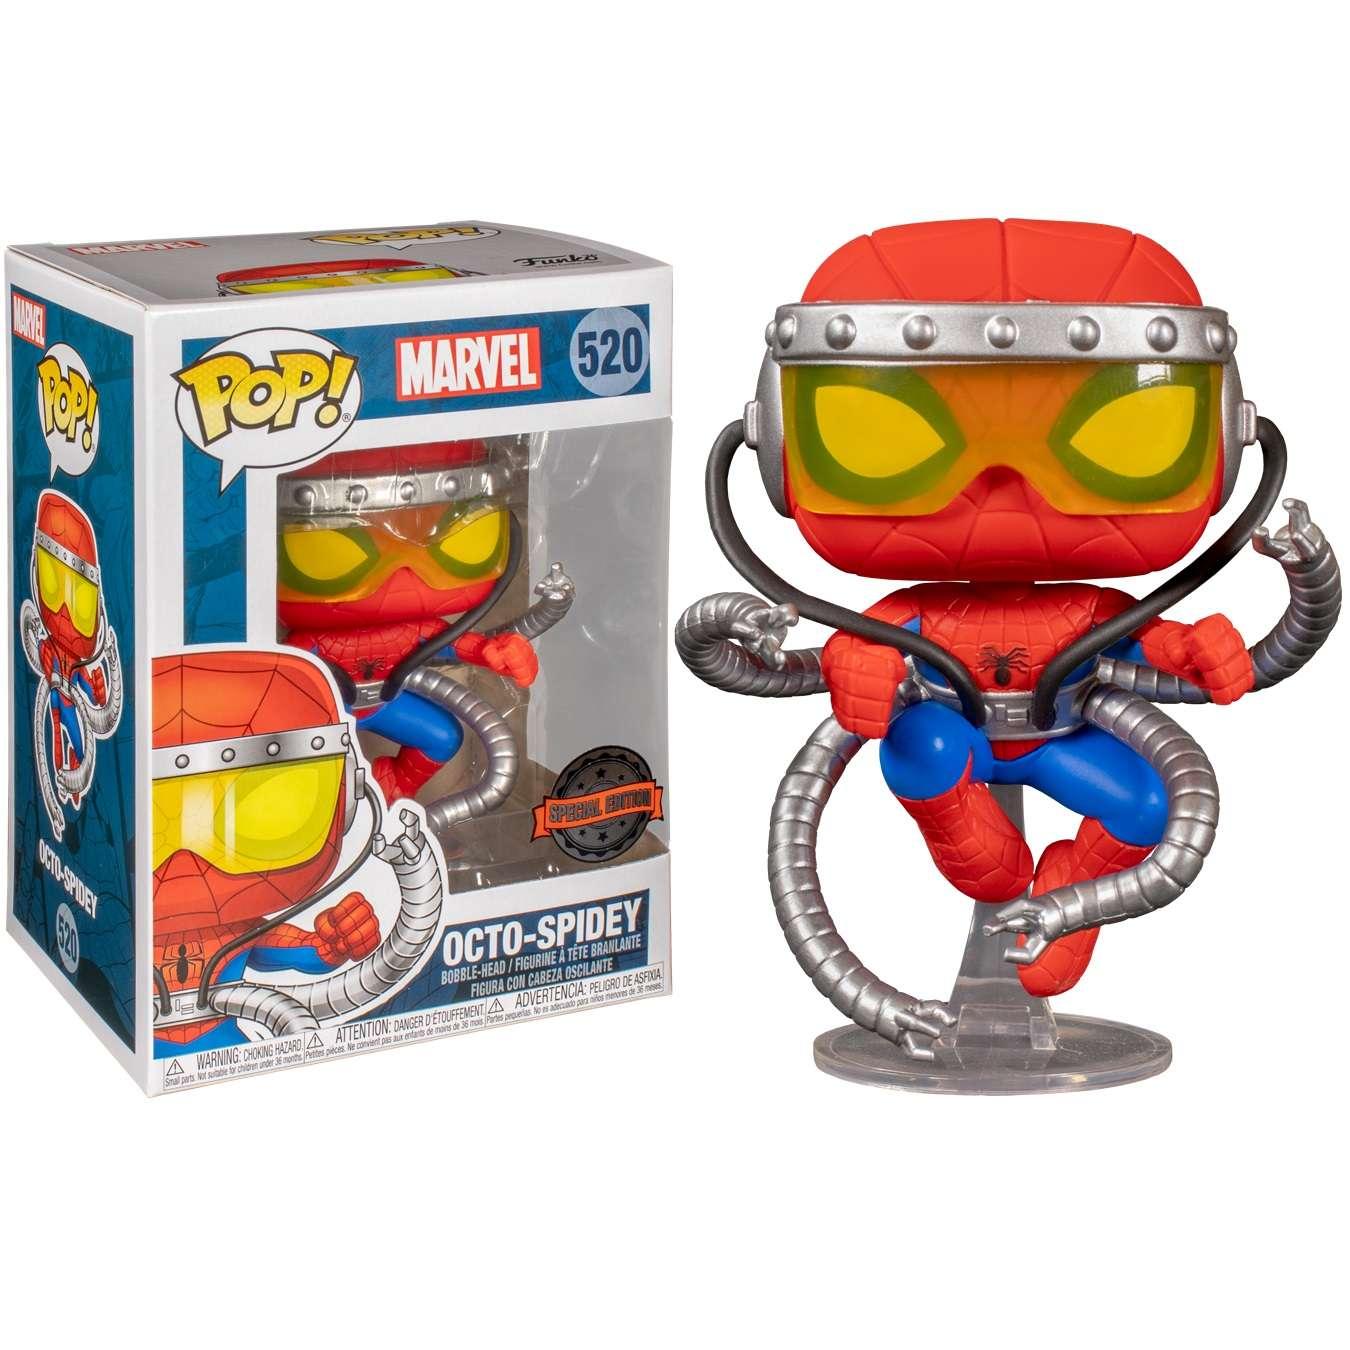 POP!: Spider Man - Octo-Spidey (Exclusive) Photo